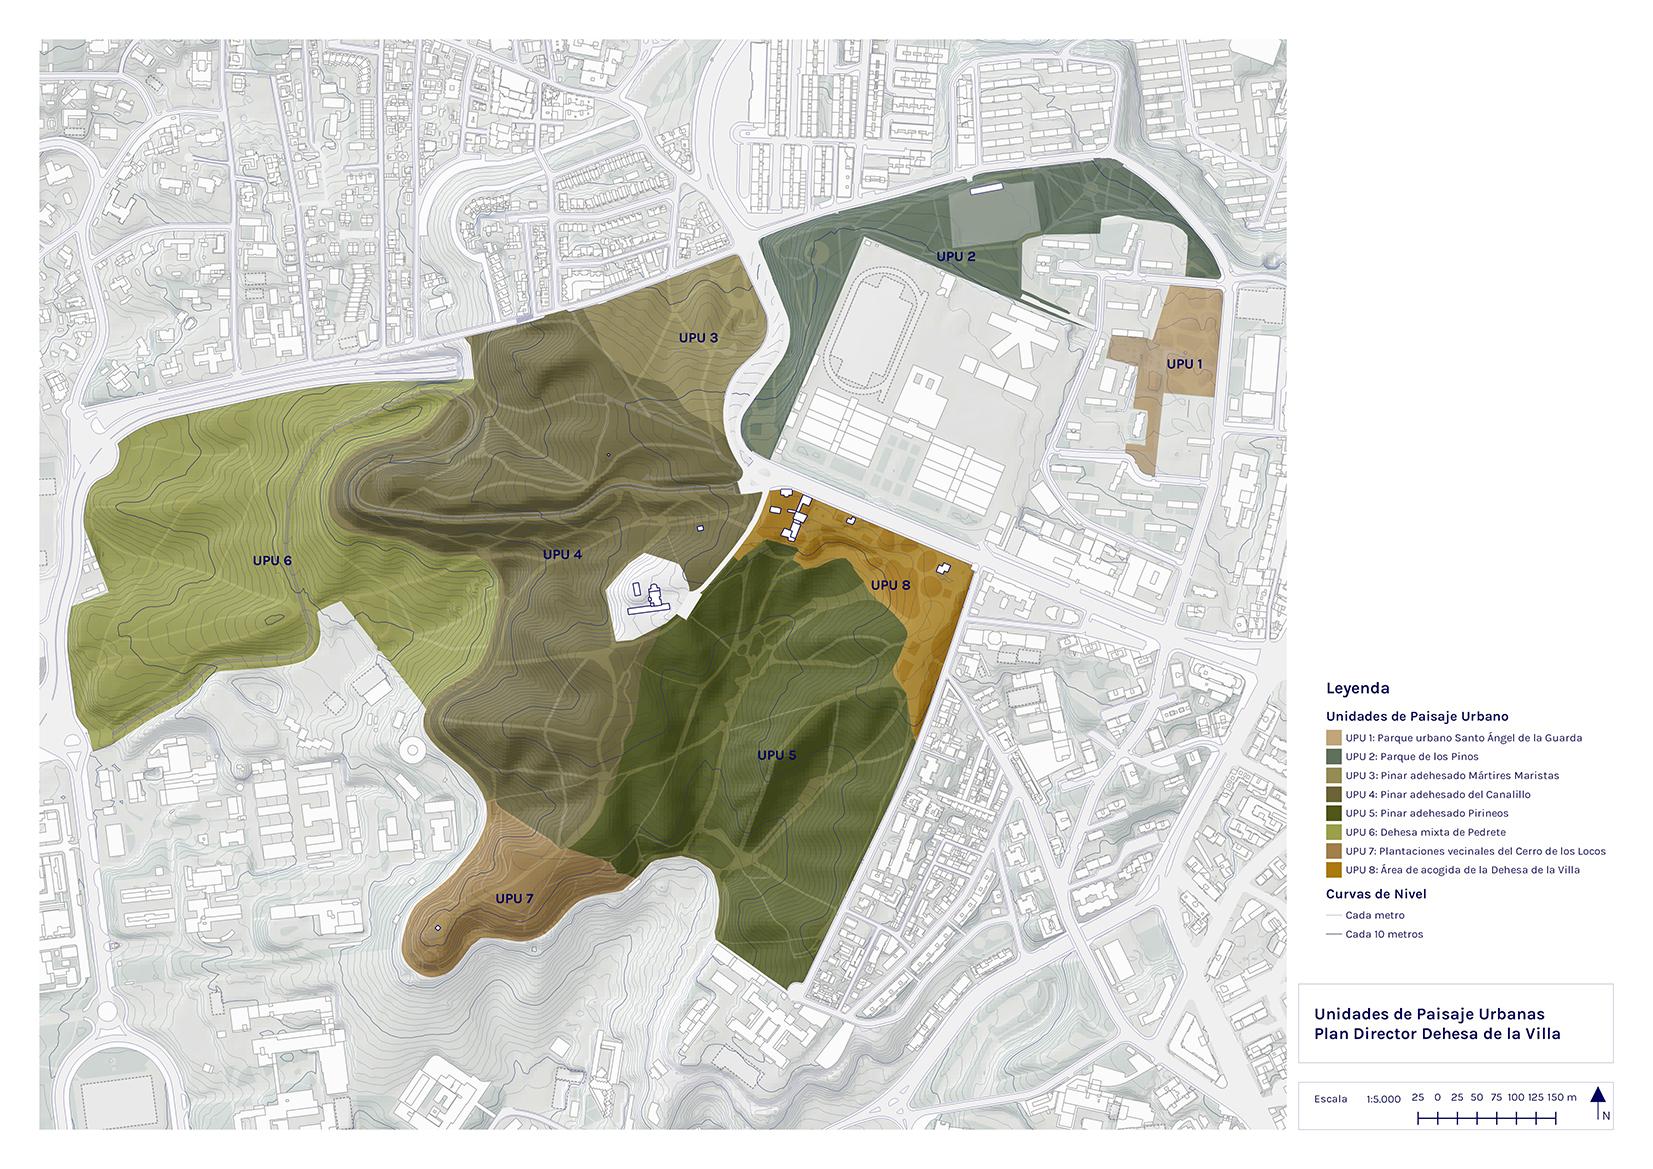 unidades de paisaje